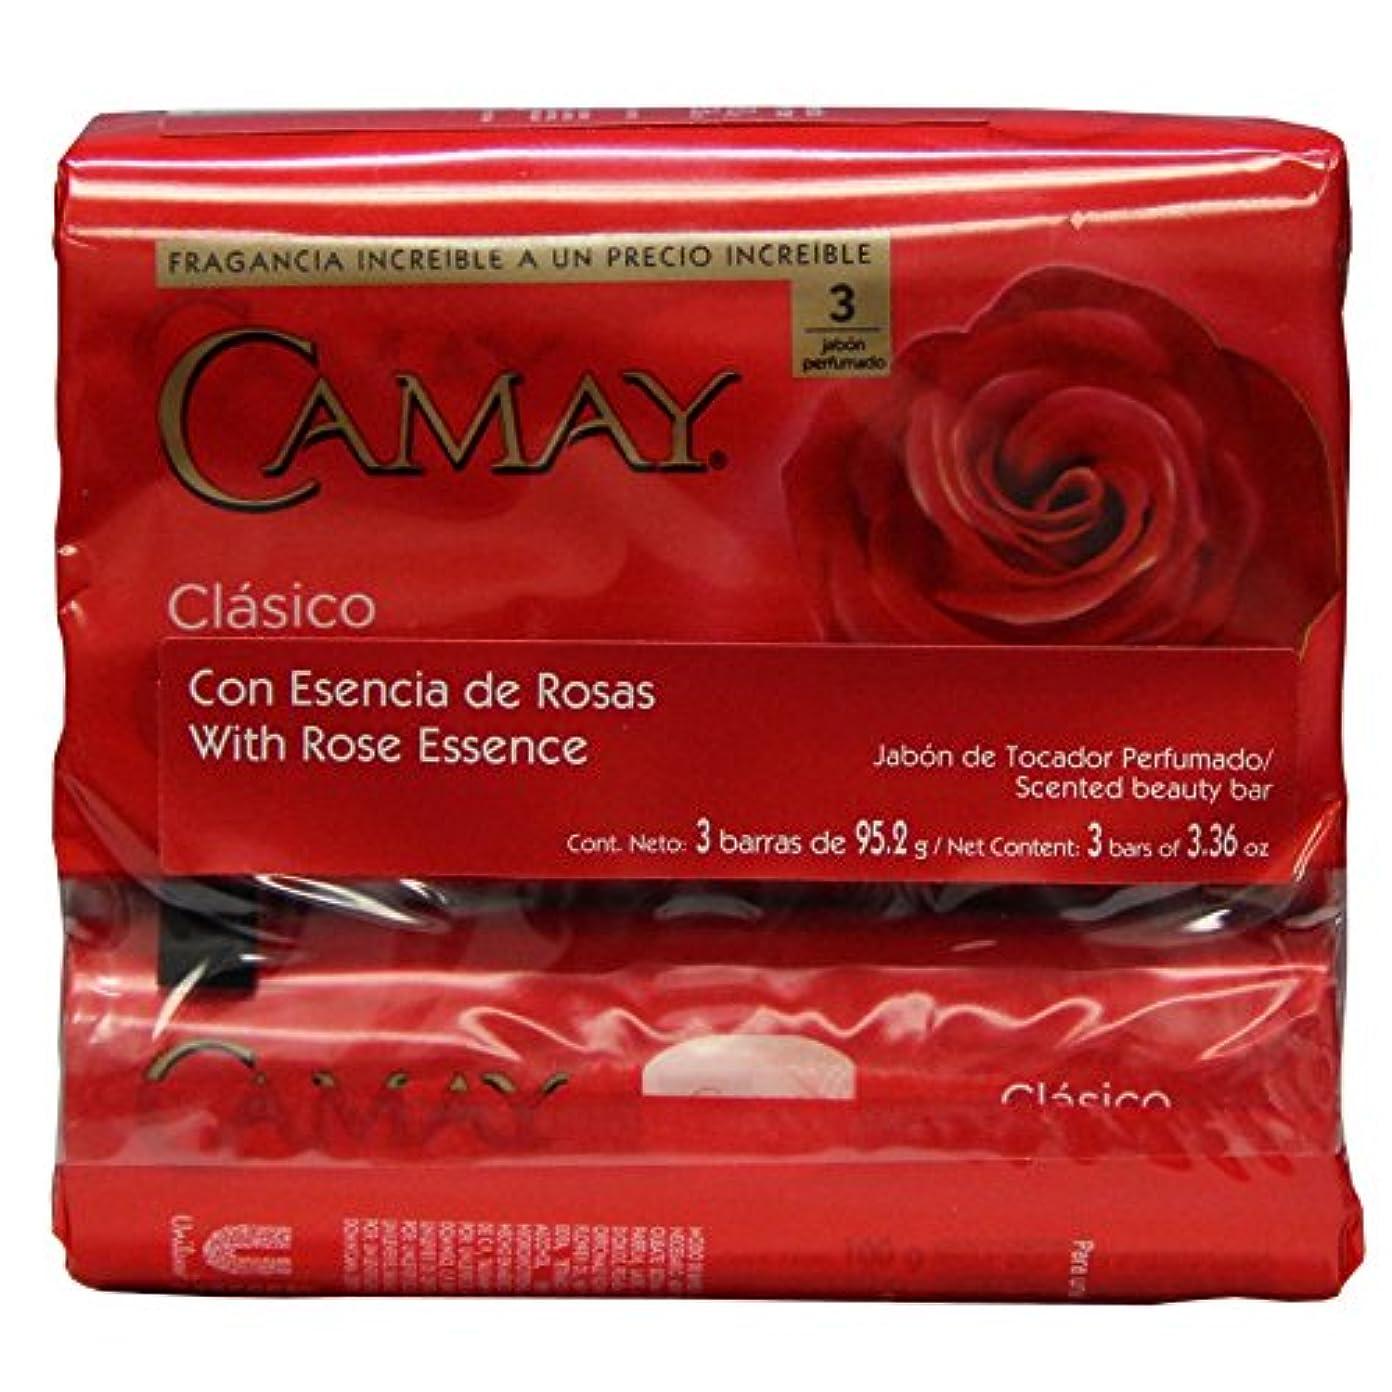 発表衣服収束するCamay Softly Scented Bath Bar Classic Soap 125 G / 4.5 Oz Each 3 Count 12 Bars Total by Camay